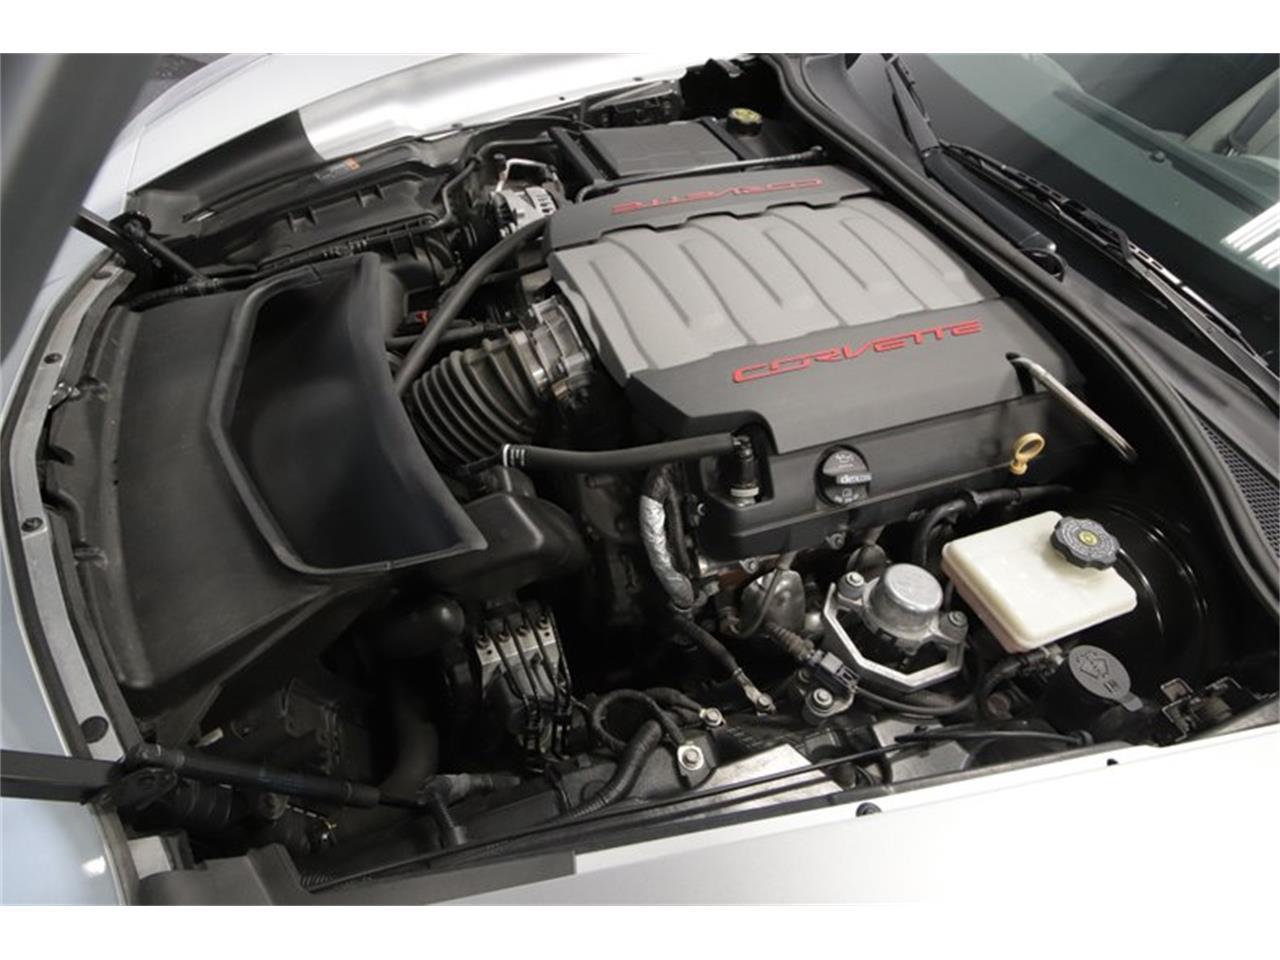 2015 Chevrolet Corvette (CC-1308881) for sale in Mesa, Arizona